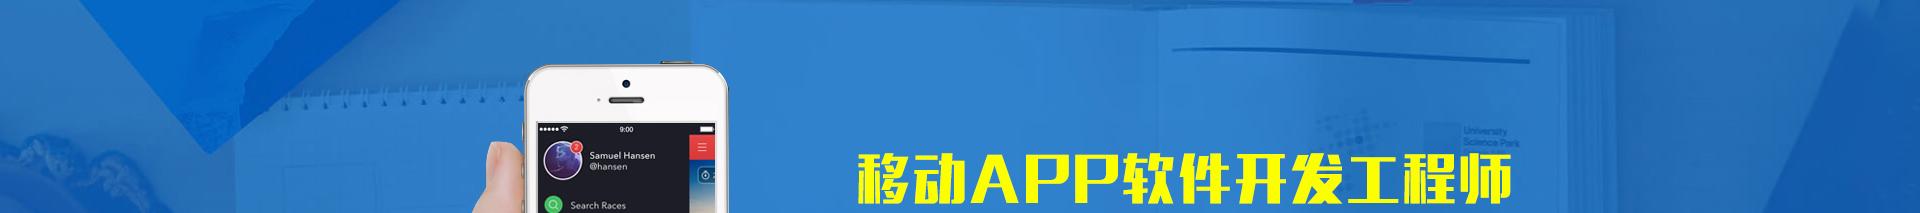 必威客户端下载-必威官网亚洲体育|网址